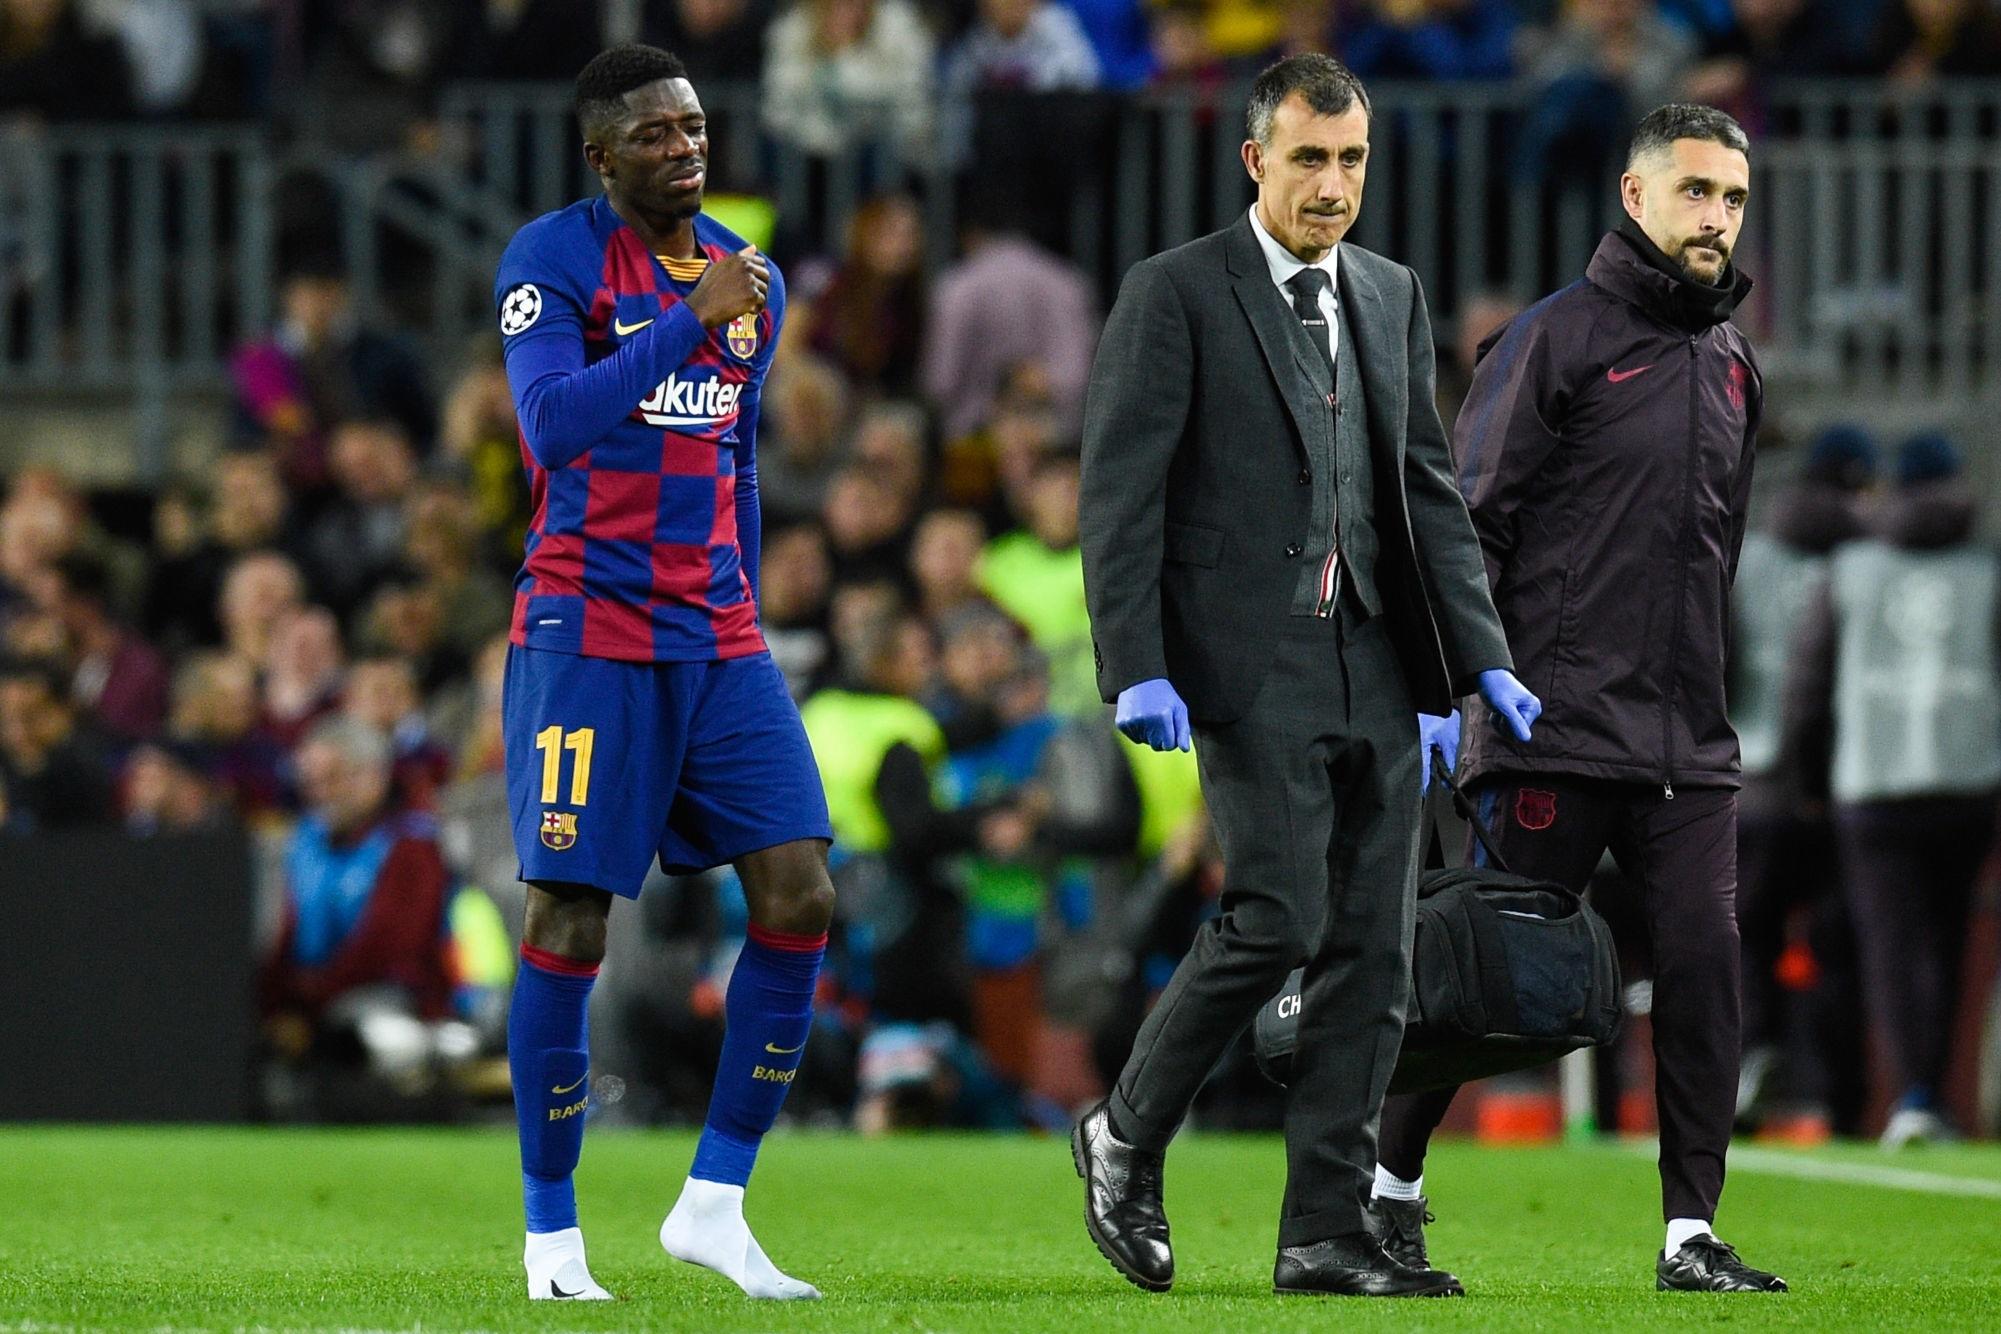 Mercato - Arsenal et le PSG seraient intéressés par Dembélé